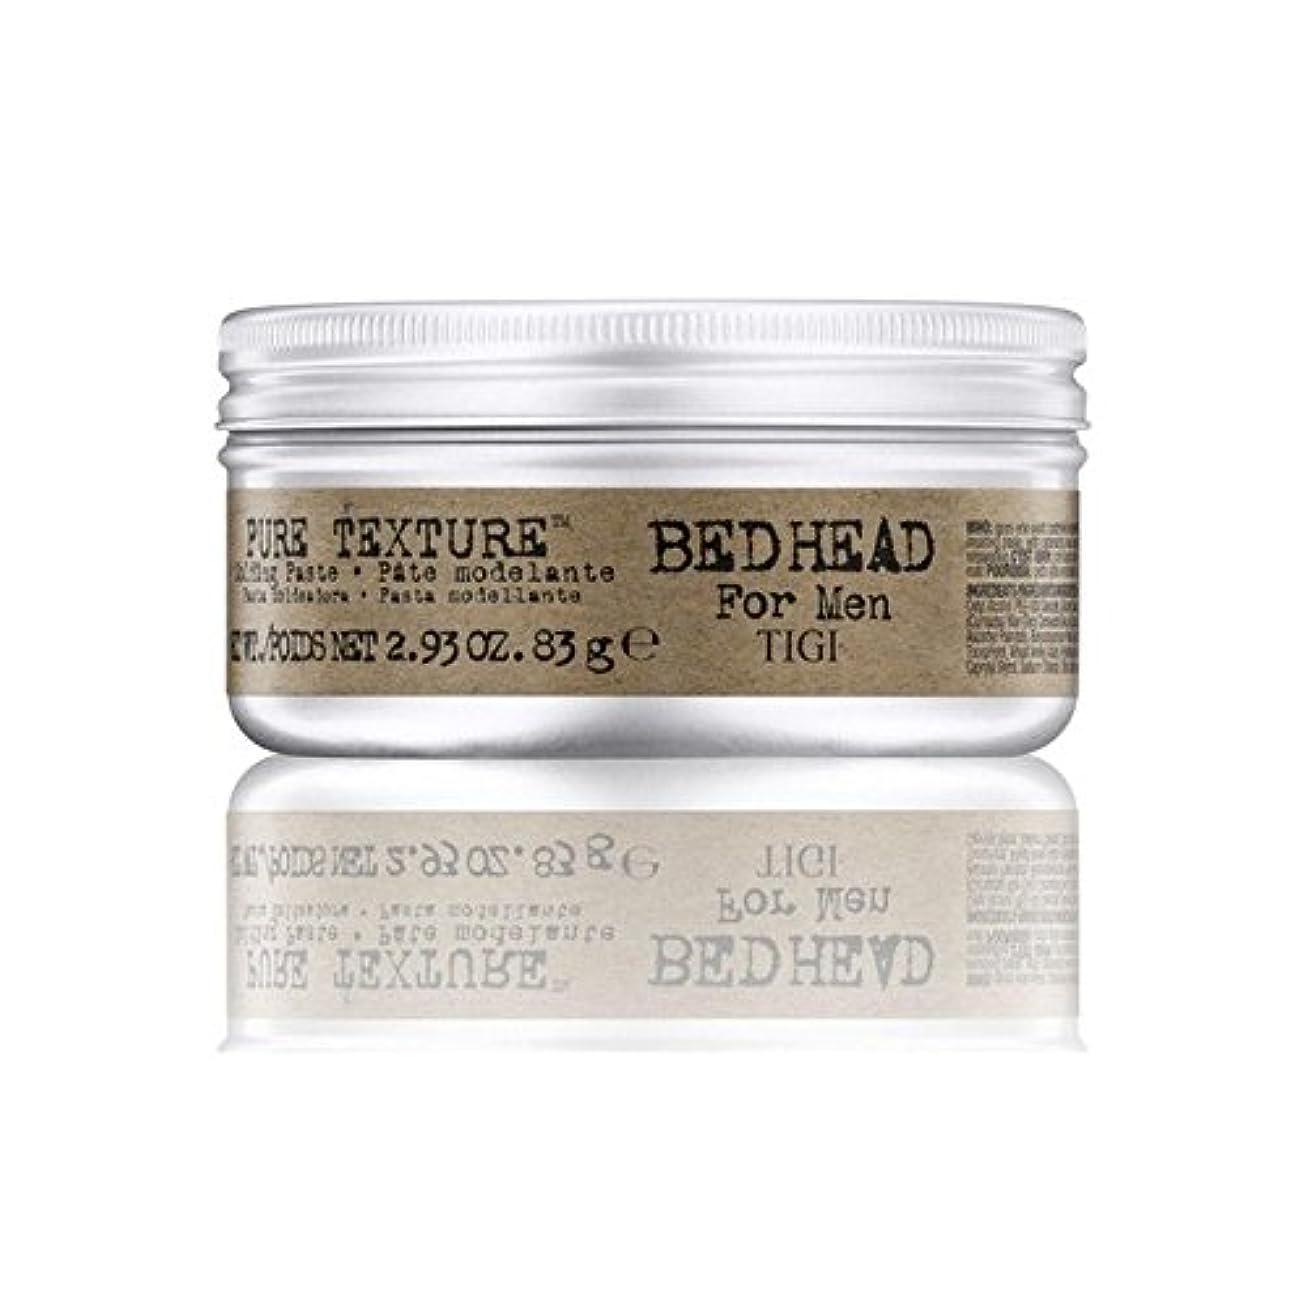 男性の純粋なテクスチャーモールディングペースト(83グラム)のためのティジーベッドヘッド x2 - Tigi Bed Head For Men Pure Texture Molding Paste (83G) (Pack...